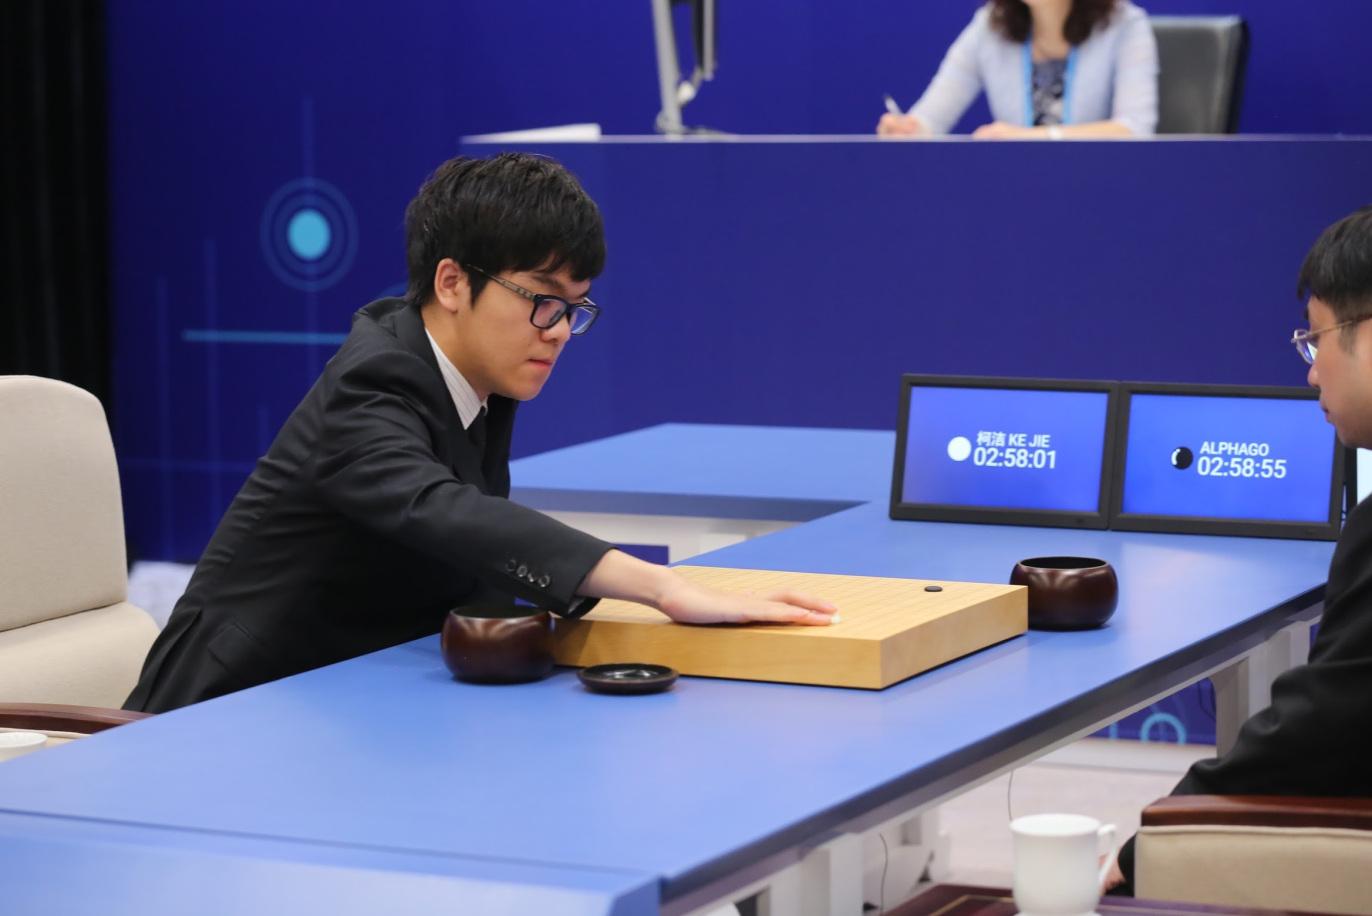 Sau khi đánh bại các nhà vô địch cờ vây, AlphaGo của Google sẽ 'nghỉ hưu'